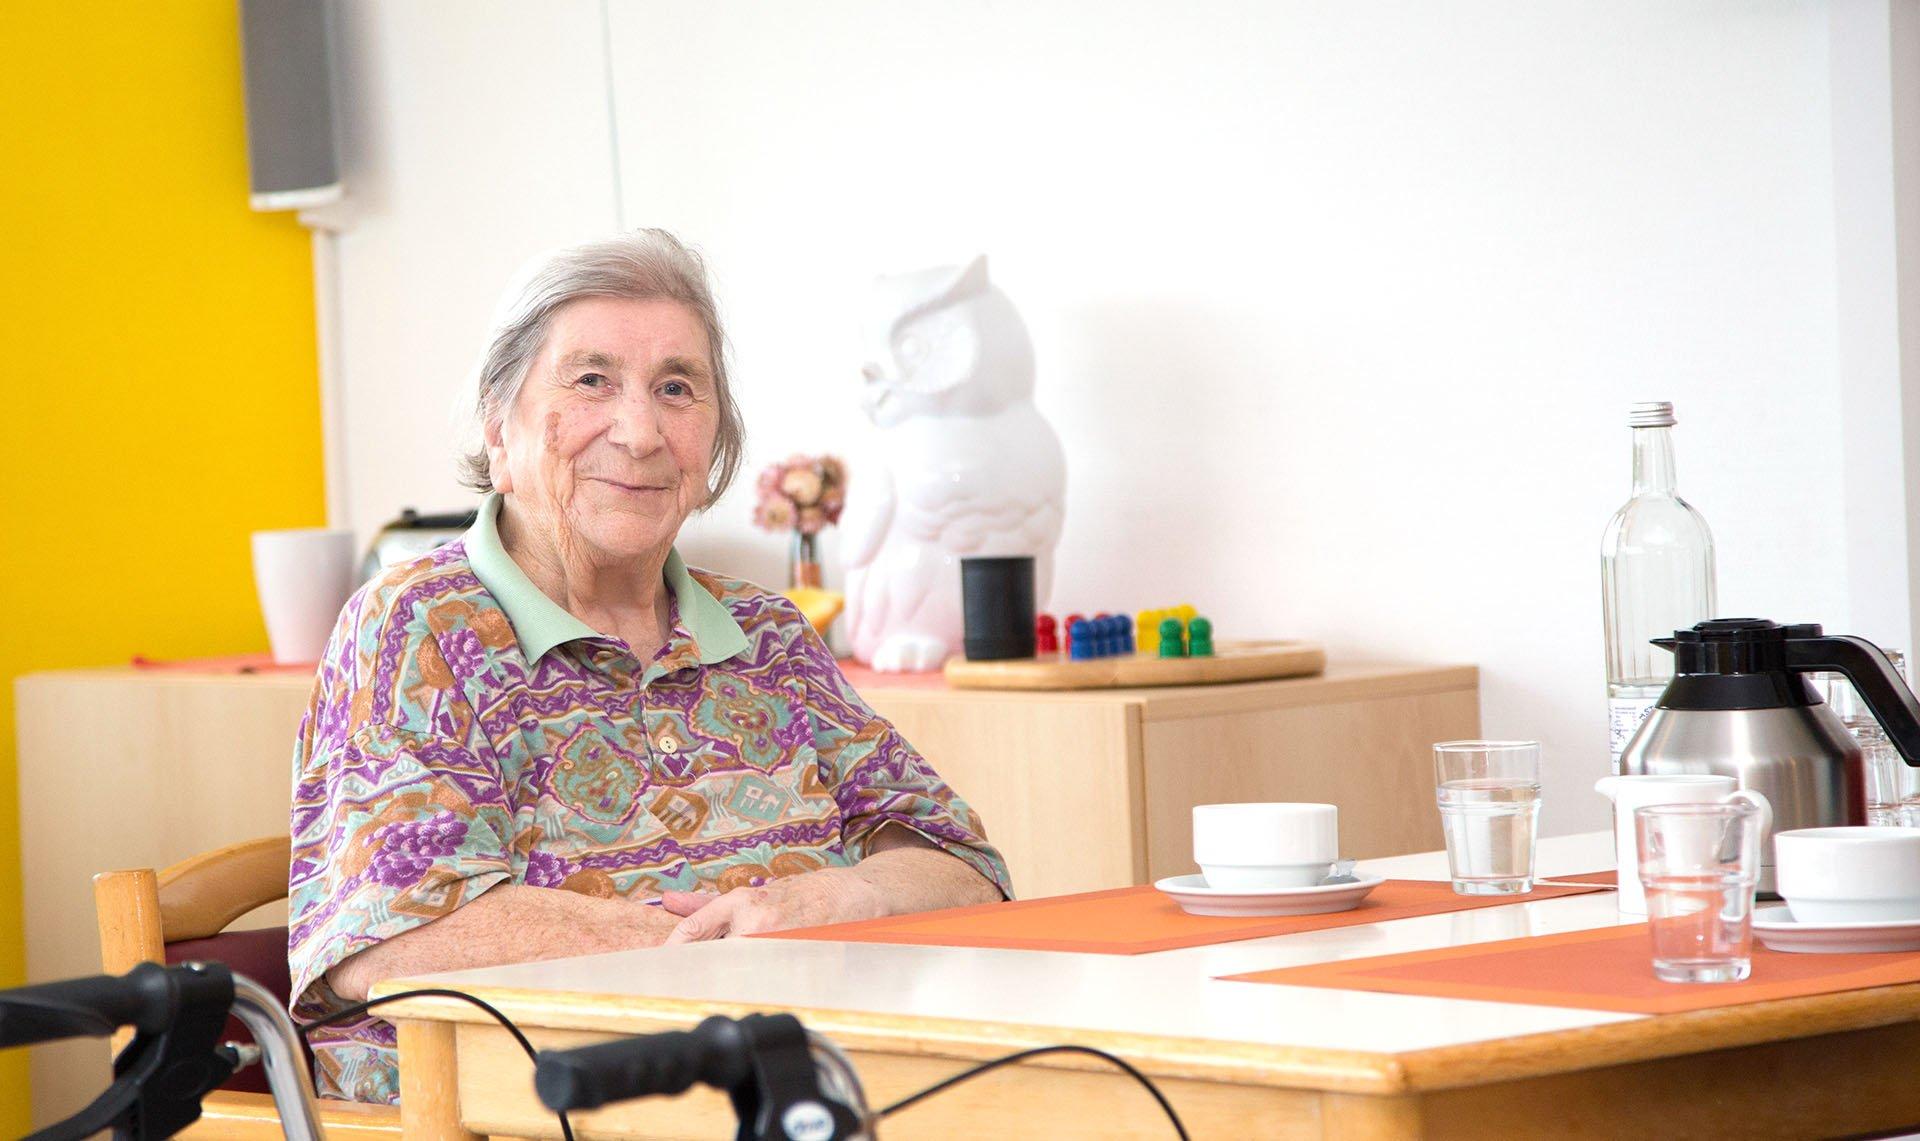 Seniorin am Tisch